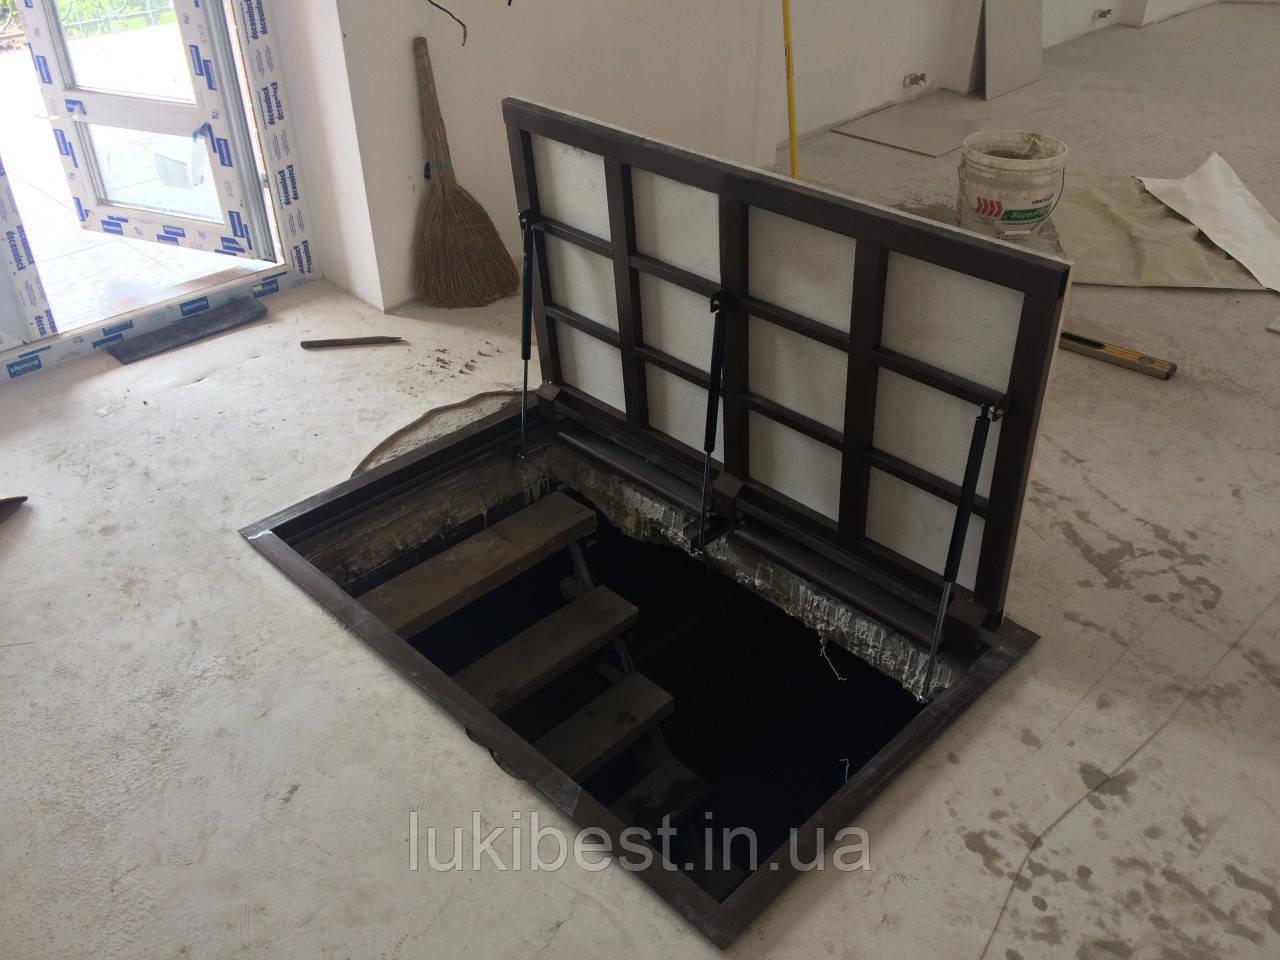 Напольный люк под ламинат 800*1000 мм Вest Lift  / люк в погреб/ люк в подвал